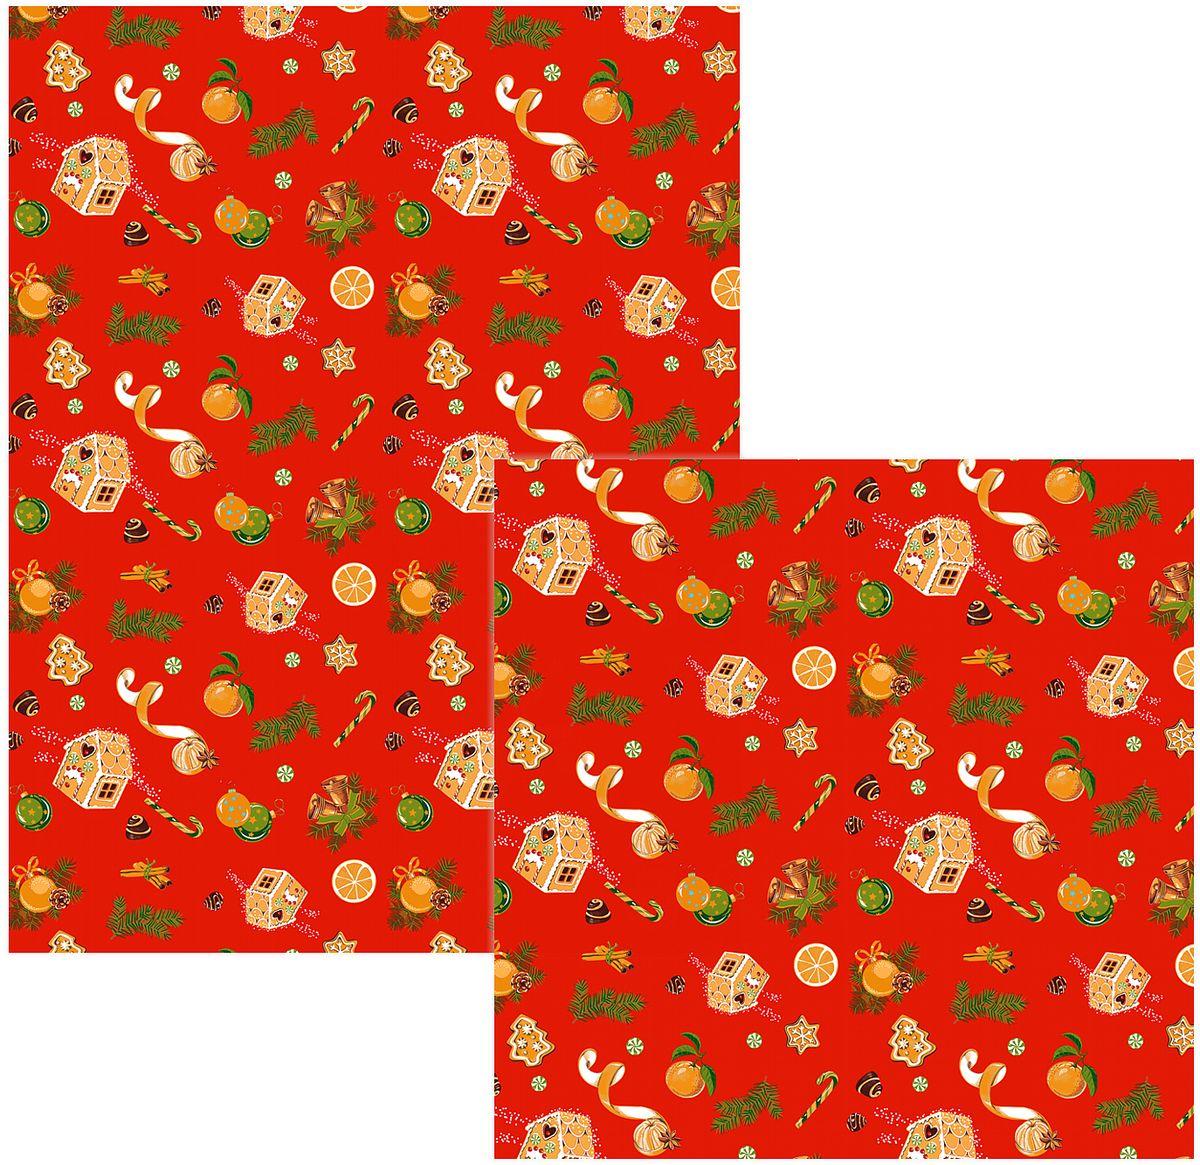 Набор Мультидом Новогоднее настроение: полотенце и салфетка, цвет: красныйMT68.431Используется для вытирания рук, посуды, столовых приборов и т.п.Хлопчатобумажные полотенца великолепно справляются с излишками воды на посуде, поэтому они всегда кстати на современной кухне.Состав: 100% хлопок.